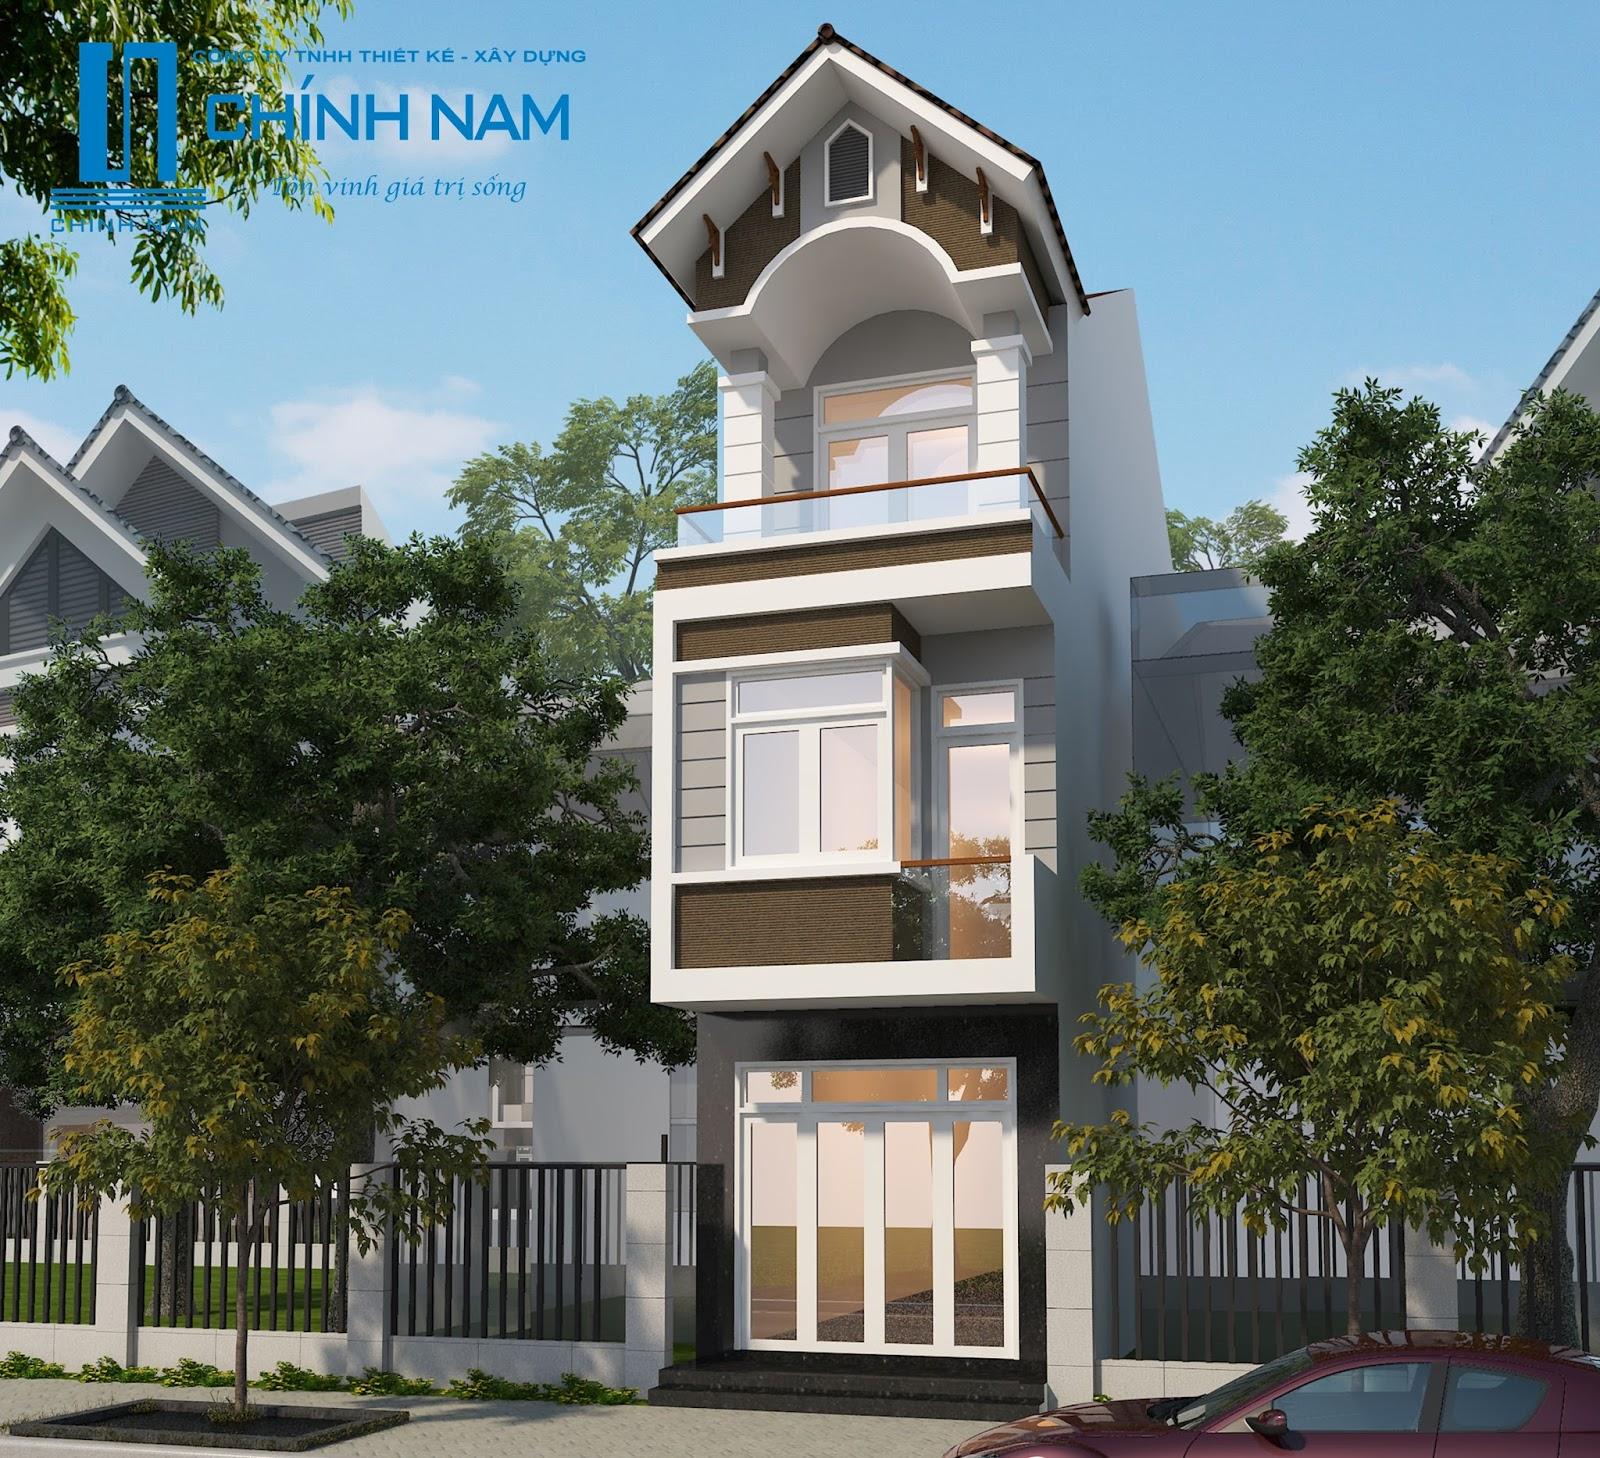 Thiết kế nhà anh Tùng ở Biên Hòa - Đồng Nai